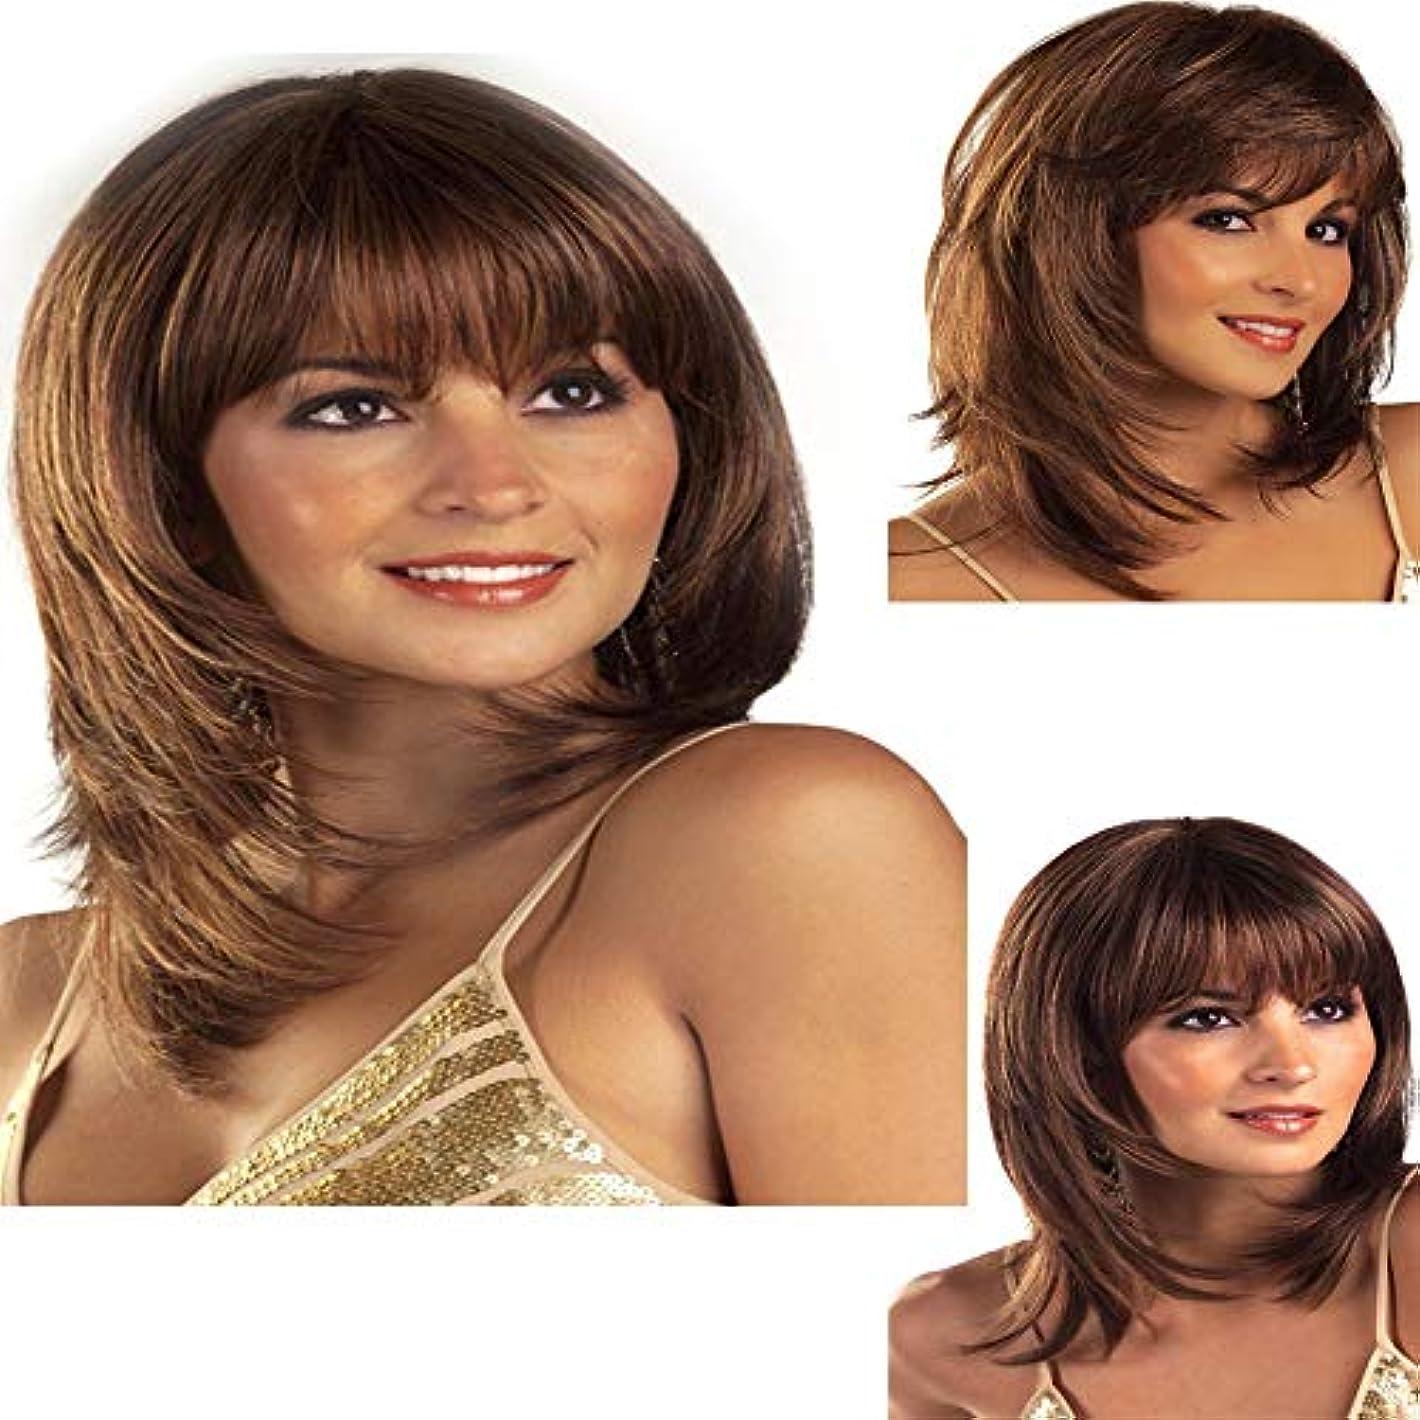 大邸宅アコーびっくり毎日のために前髪ショート波状カーリーウィッグ耐熱完全な頭部の髪の交換ウィッグ着用やコスチュームウィッグとダークブラウンの合成ウィッグ